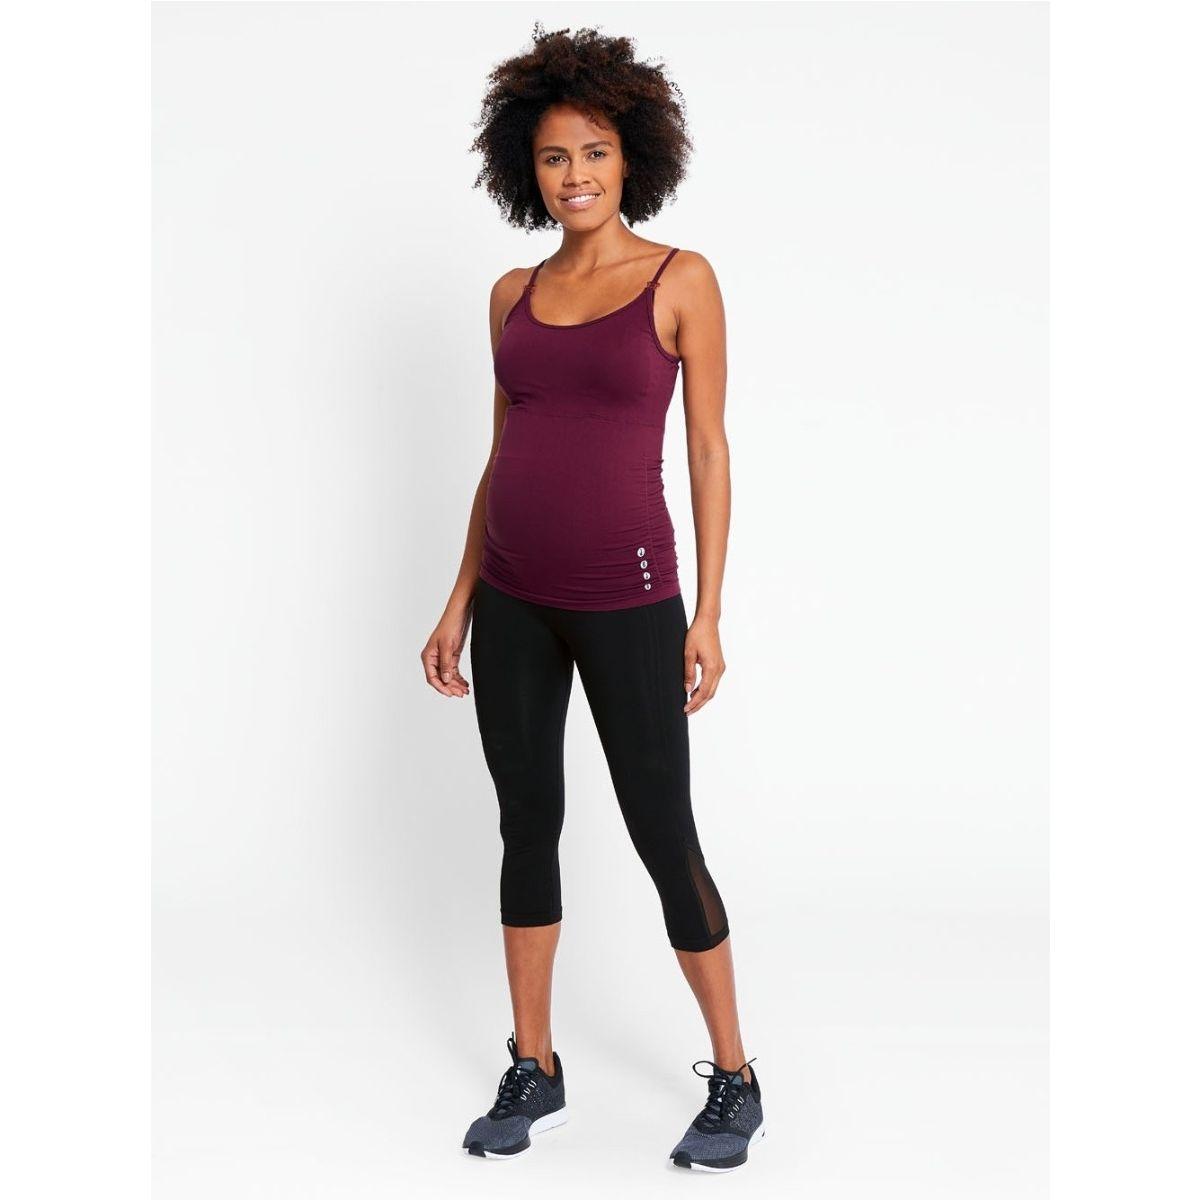 venta caliente online 797ea cd8e7 Top Deportivo Embarazo y Lactancia Active Wear